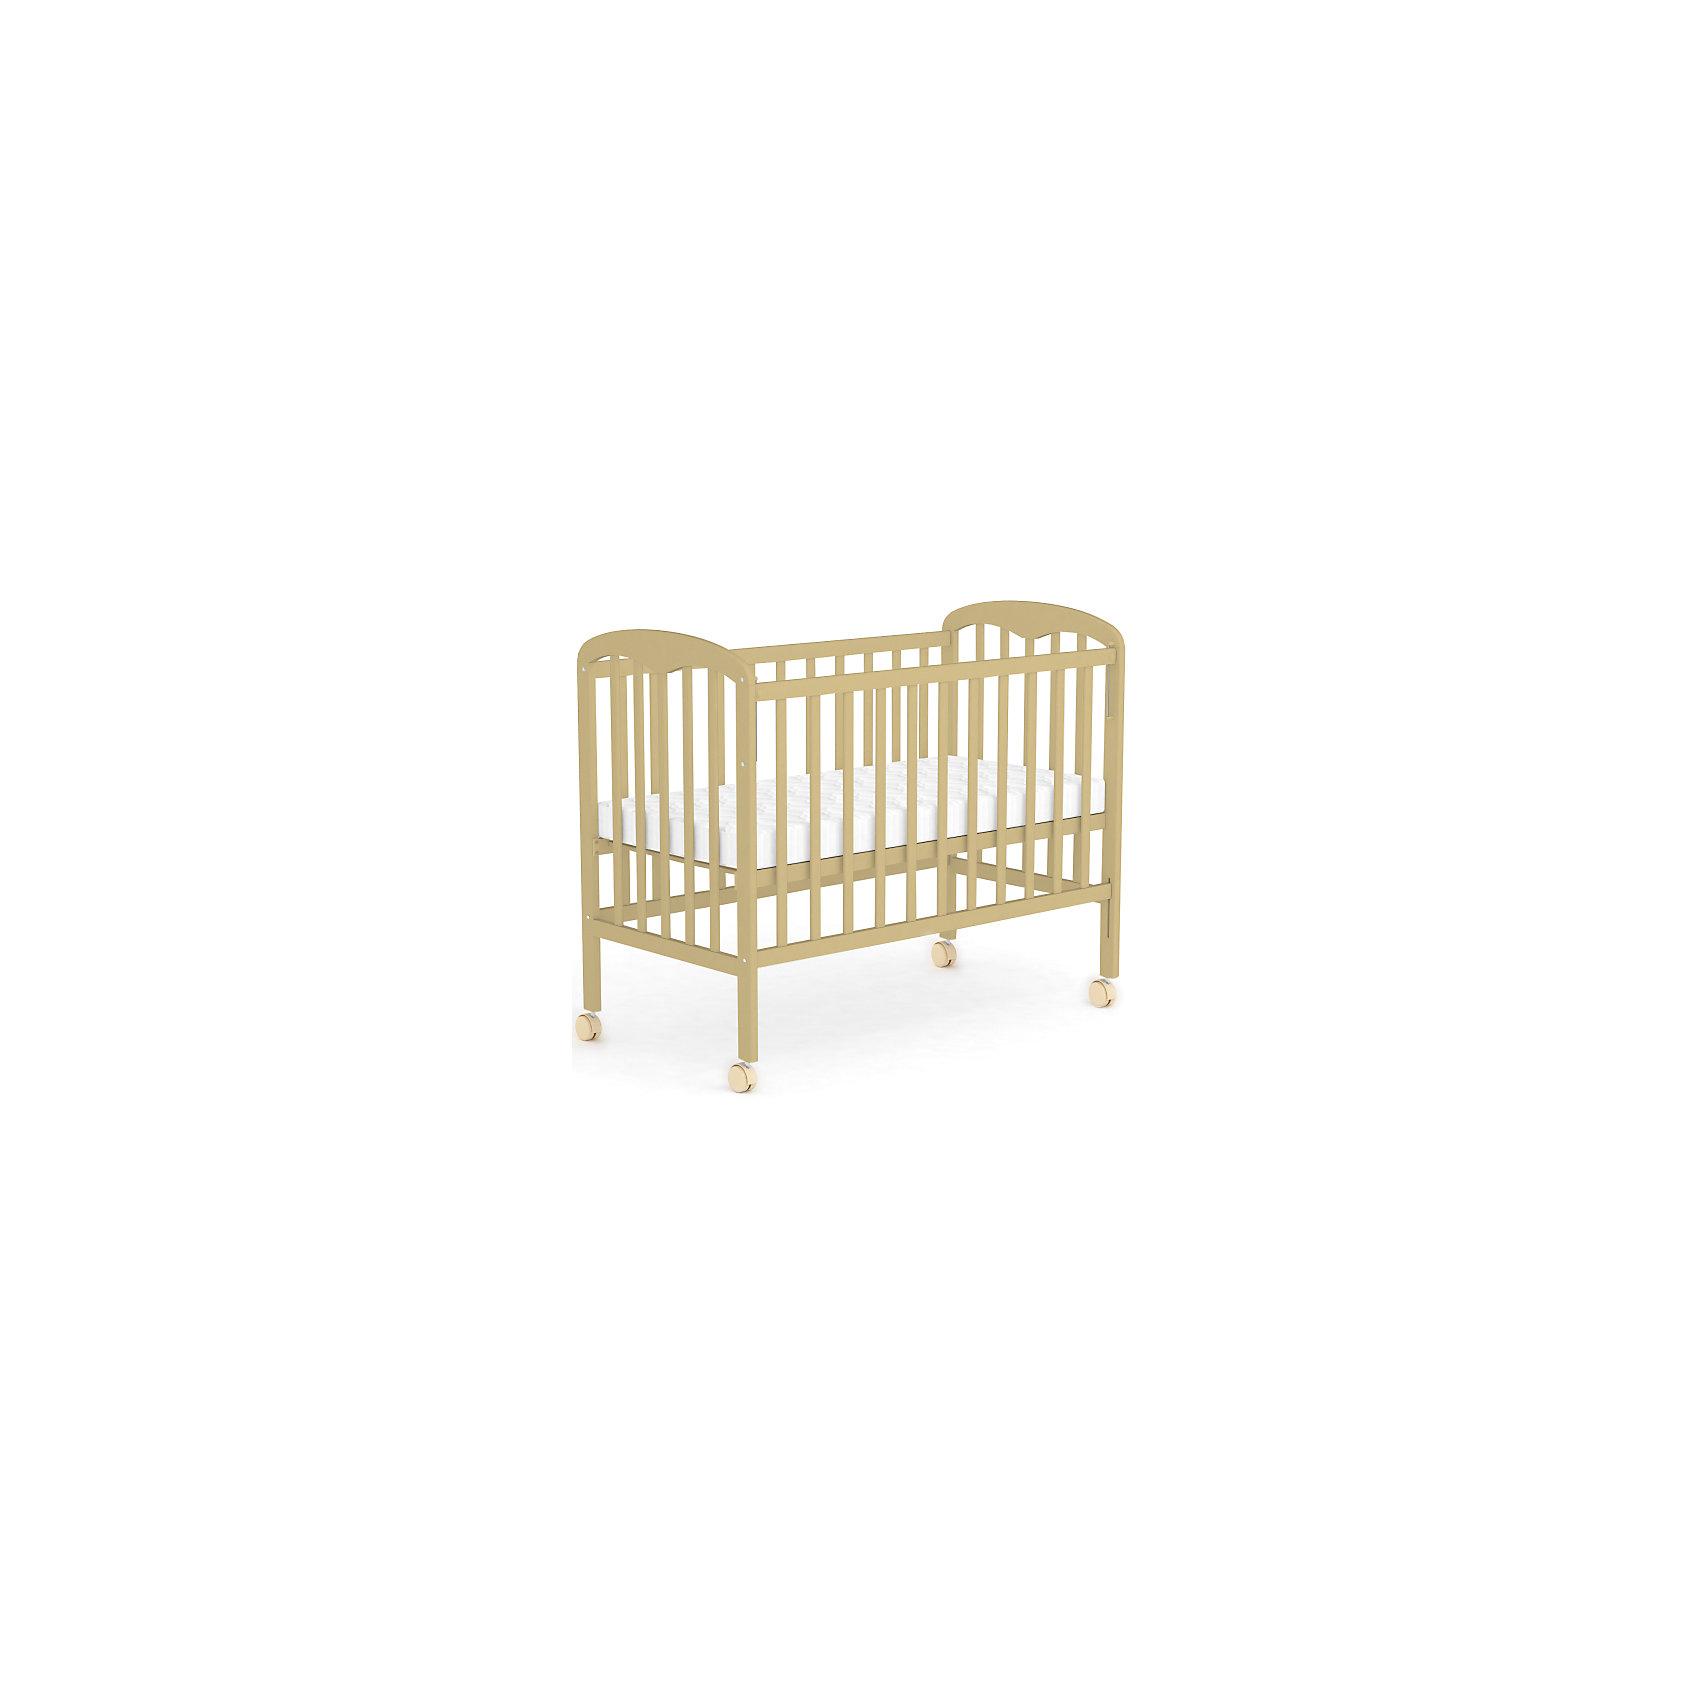 Кроватка 323, Фея, натуральныйКроватки<br>Правильная детская мебель всегда отличается от взрослой, так как производится с учетом потребностей малышей. Данная кроватка обеспечит удобство и ребенку и маме - она имеет удобный механизм опускания передней планки и колесики, с помощью которых кроватку можно перемещать.<br>Кроватка сделана из качественного дерева, покрытого лаком. Цвет - универсальный, подойдет практически для любого интерьера. Все материалы тщательно подобраны специалистами и безопасны для детей.<br><br>Дополнительная информация:<br><br>цвет: дерево;<br>материал: дерево, лак;<br>передняя планка удобно опускается;<br>ложе имеет 2 положения;<br>колёсики;<br>размер: 124,8 х 74,4 х 112 см ;<br>ложе: 60 на 120 см;<br>вес: 17,5 кг.<br><br>Кроватку 323 торговой марки Фея можно купить в нашем магазине.<br><br>Ширина мм: 1248<br>Глубина мм: 744<br>Высота мм: 1120<br>Вес г: 17500<br>Возраст от месяцев: 0<br>Возраст до месяцев: 36<br>Пол: Унисекс<br>Возраст: Детский<br>SKU: 4873617